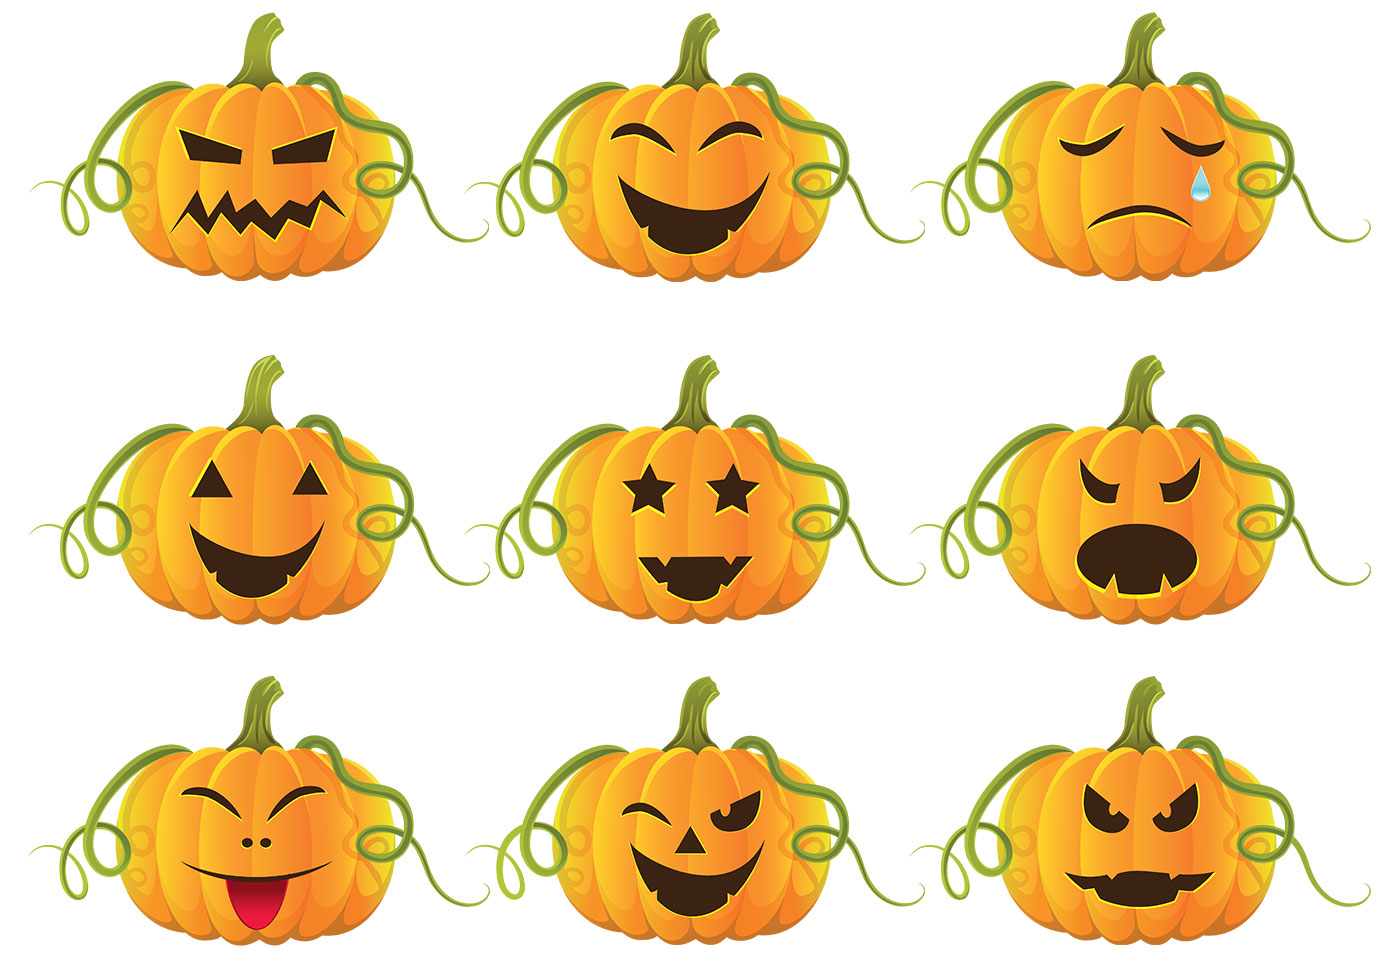 Intagliare Zucca Per Halloween Disegni pacchetto di vettore di zucche di halloween - scarica